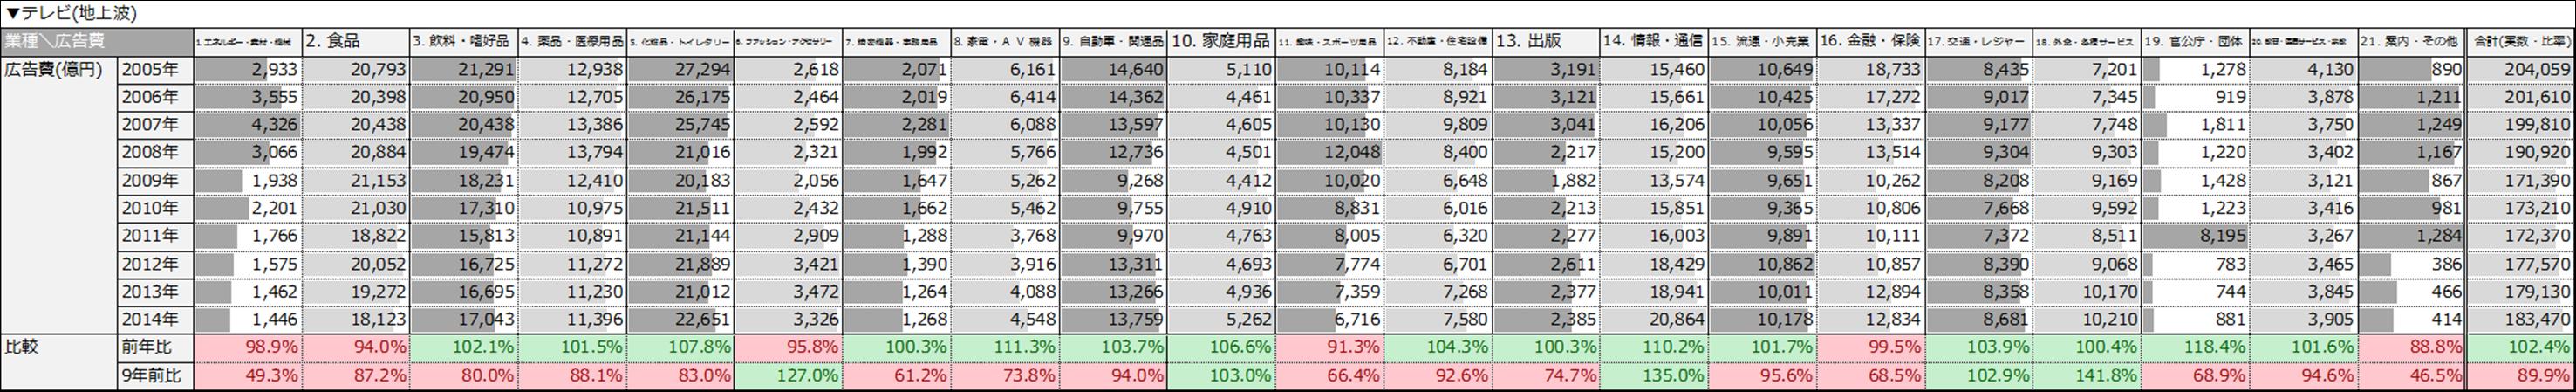 テレビ(実数値)